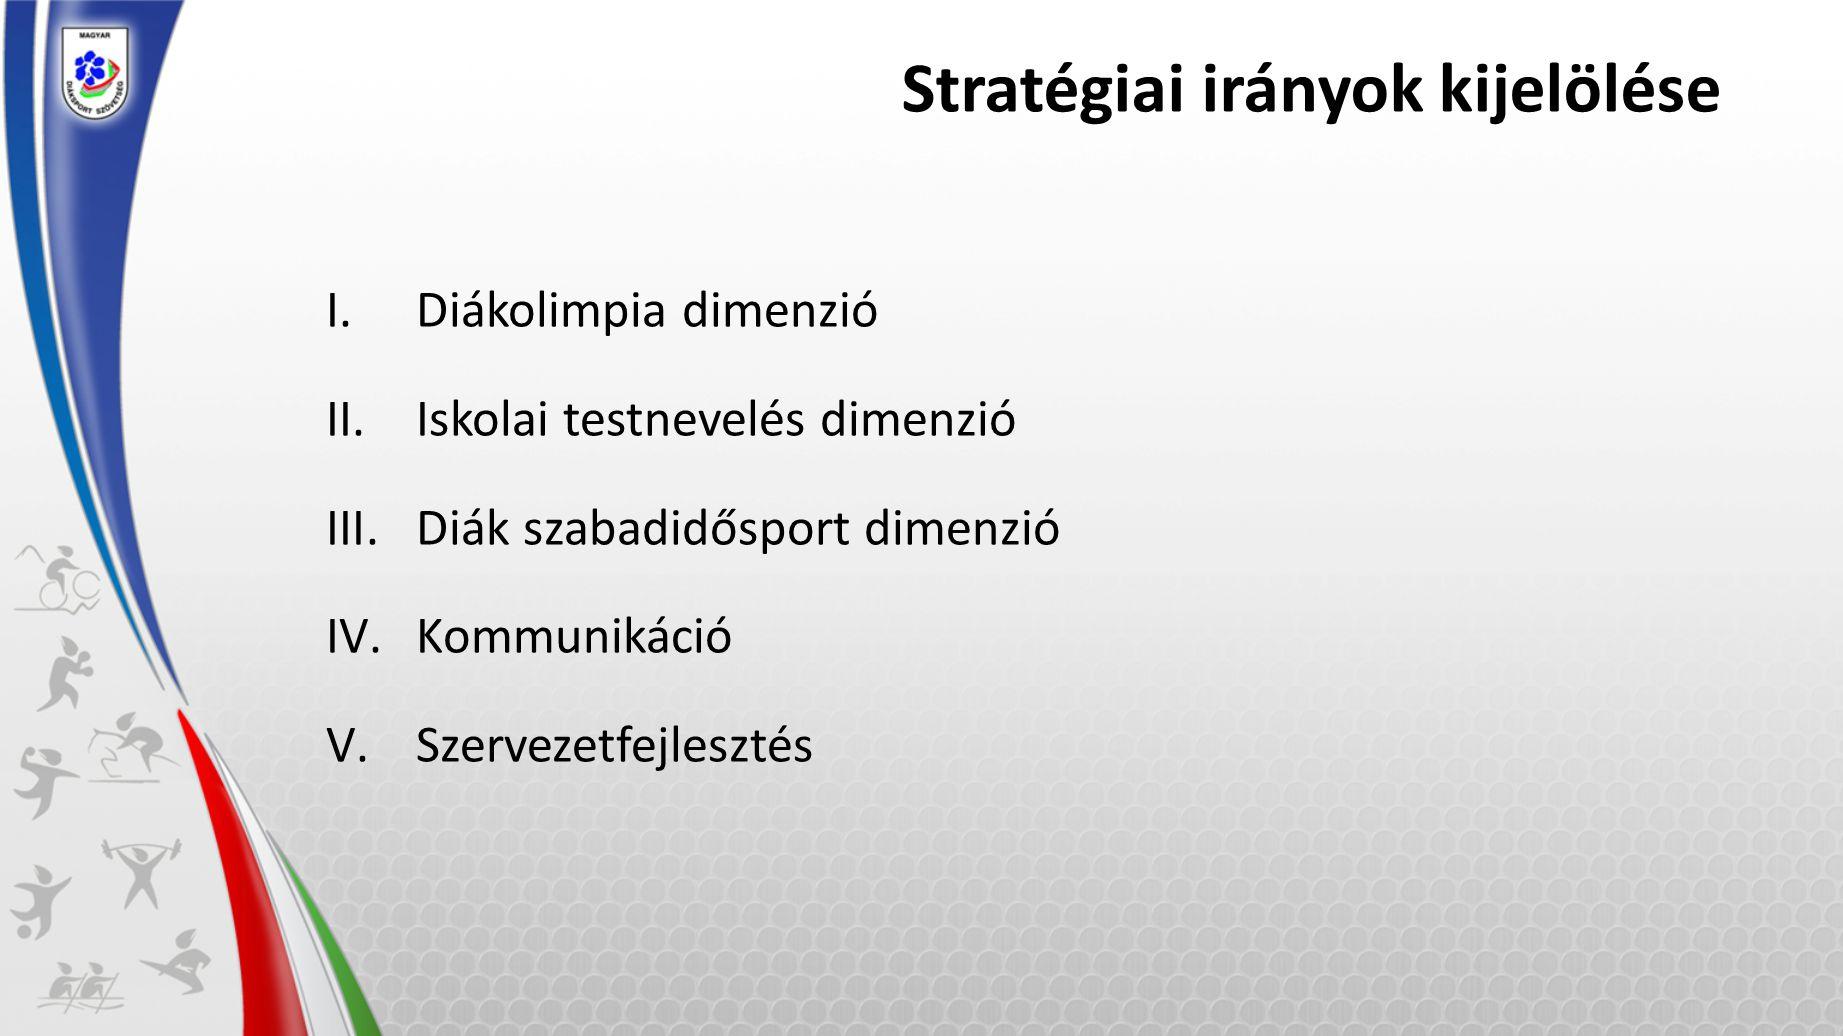 Stratégiai irányok kijelölése I.Diákolimpia dimenzió II.Iskolai testnevelés dimenzió III.Diák szabadidősport dimenzió IV.Kommunikáció V.Szervezetfejlesztés